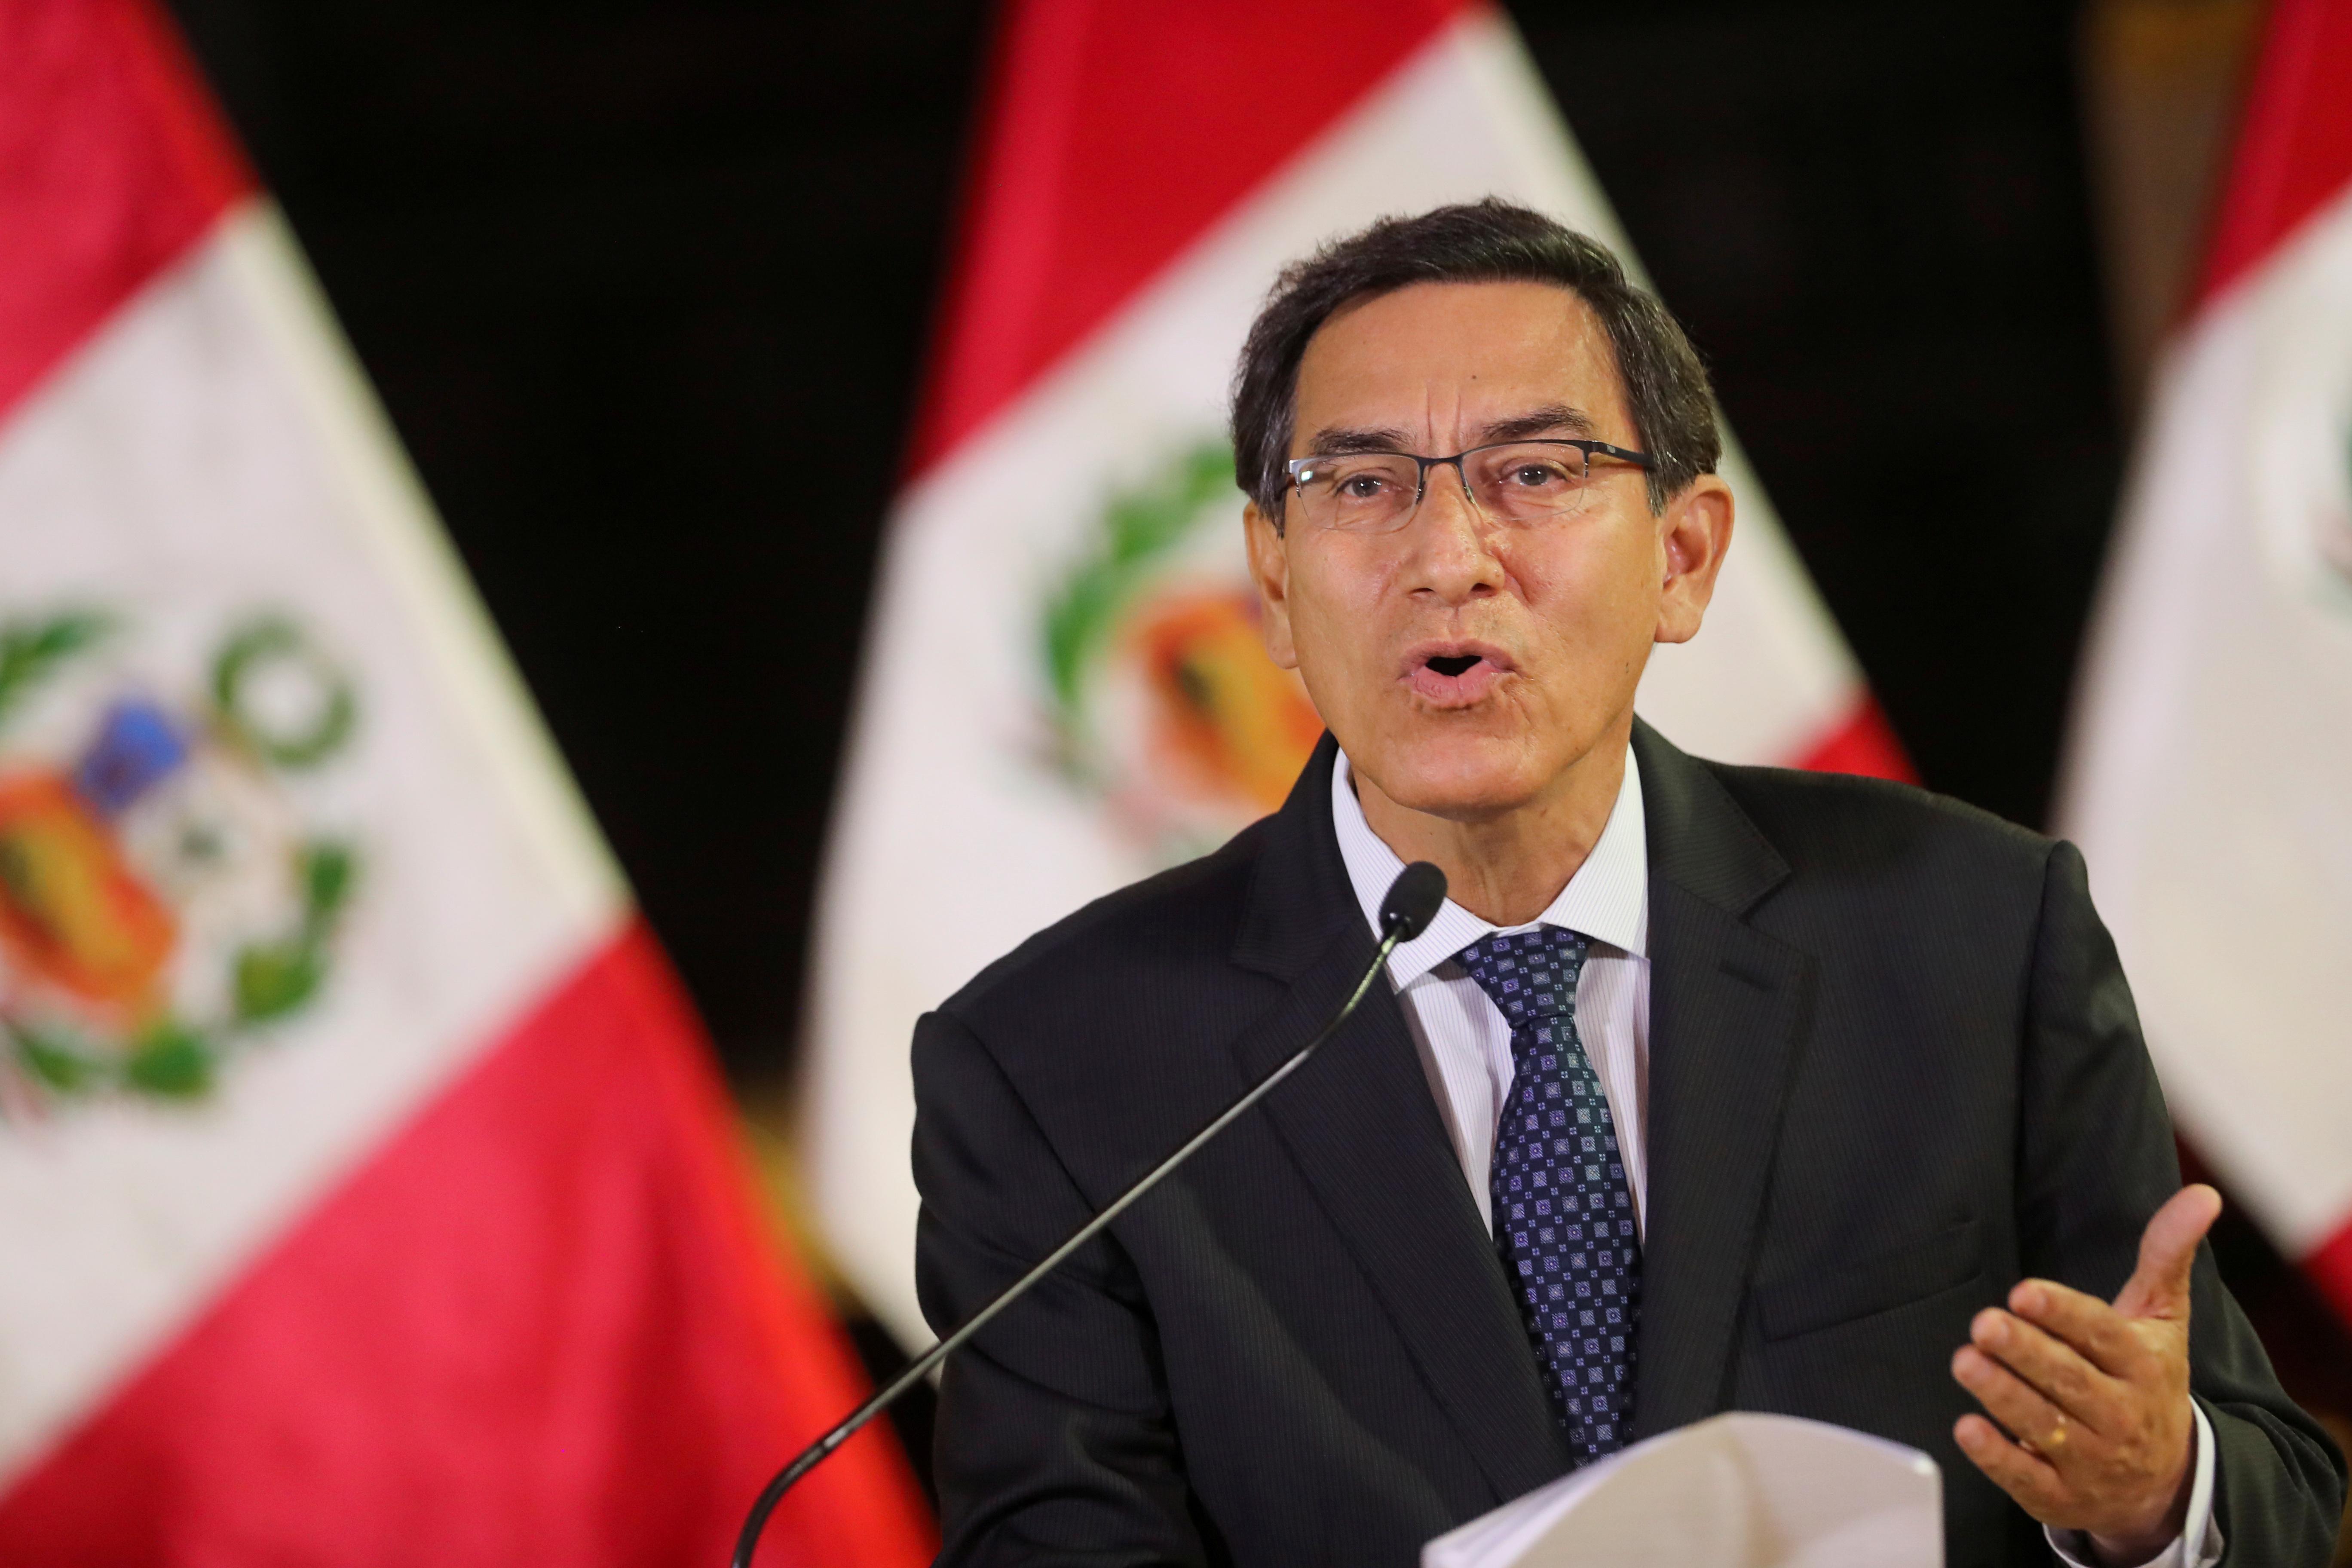 Justicia de Perú prohíbe salir del país al expresidente Vizcarra